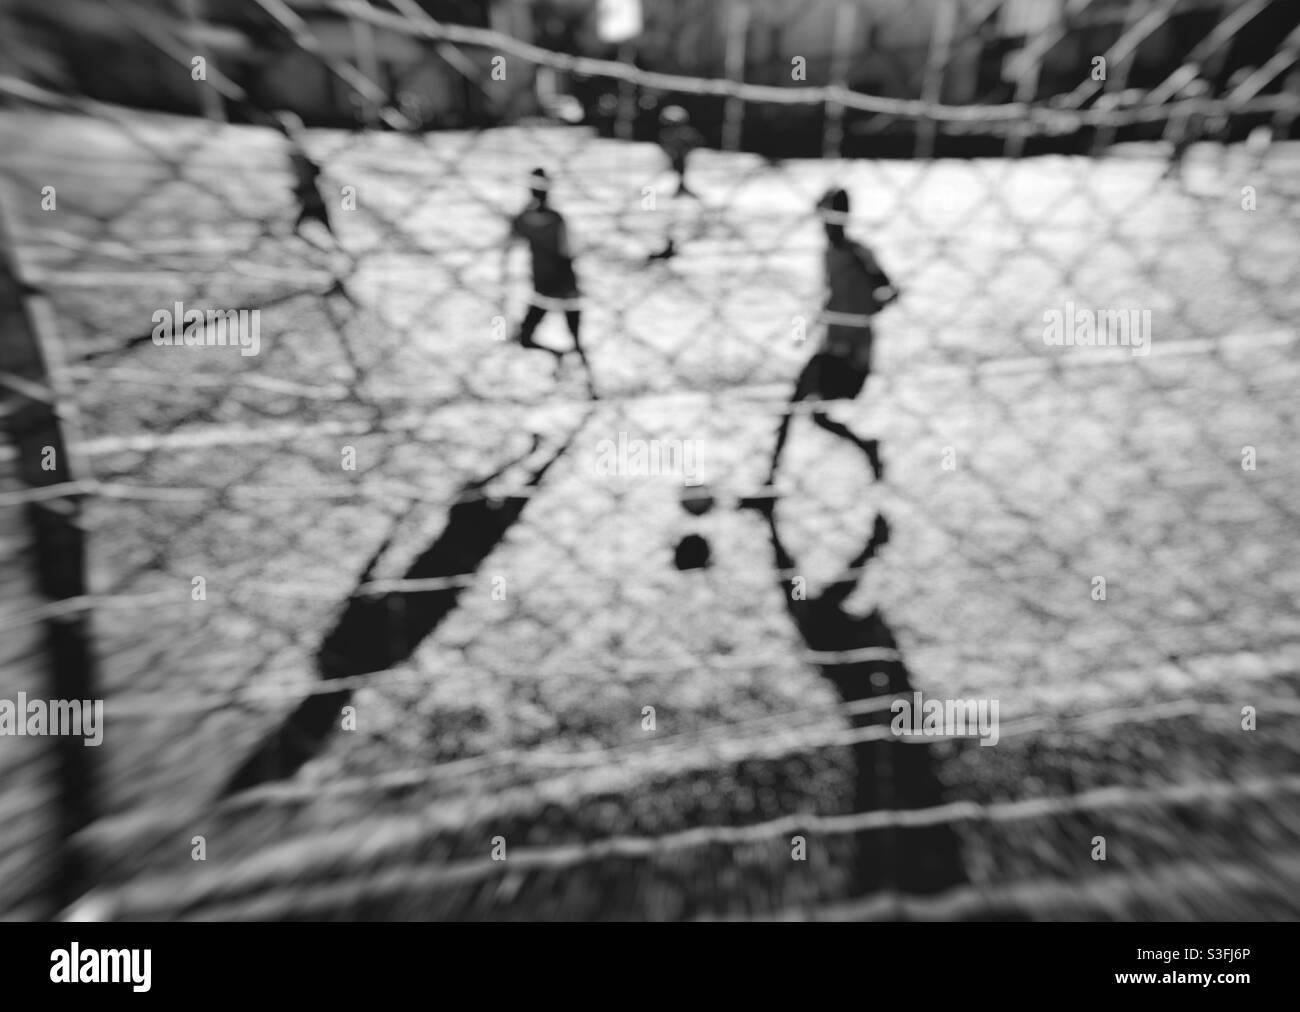 Visione monocromatica dei giovani che giocano a calcio. Foto Stock